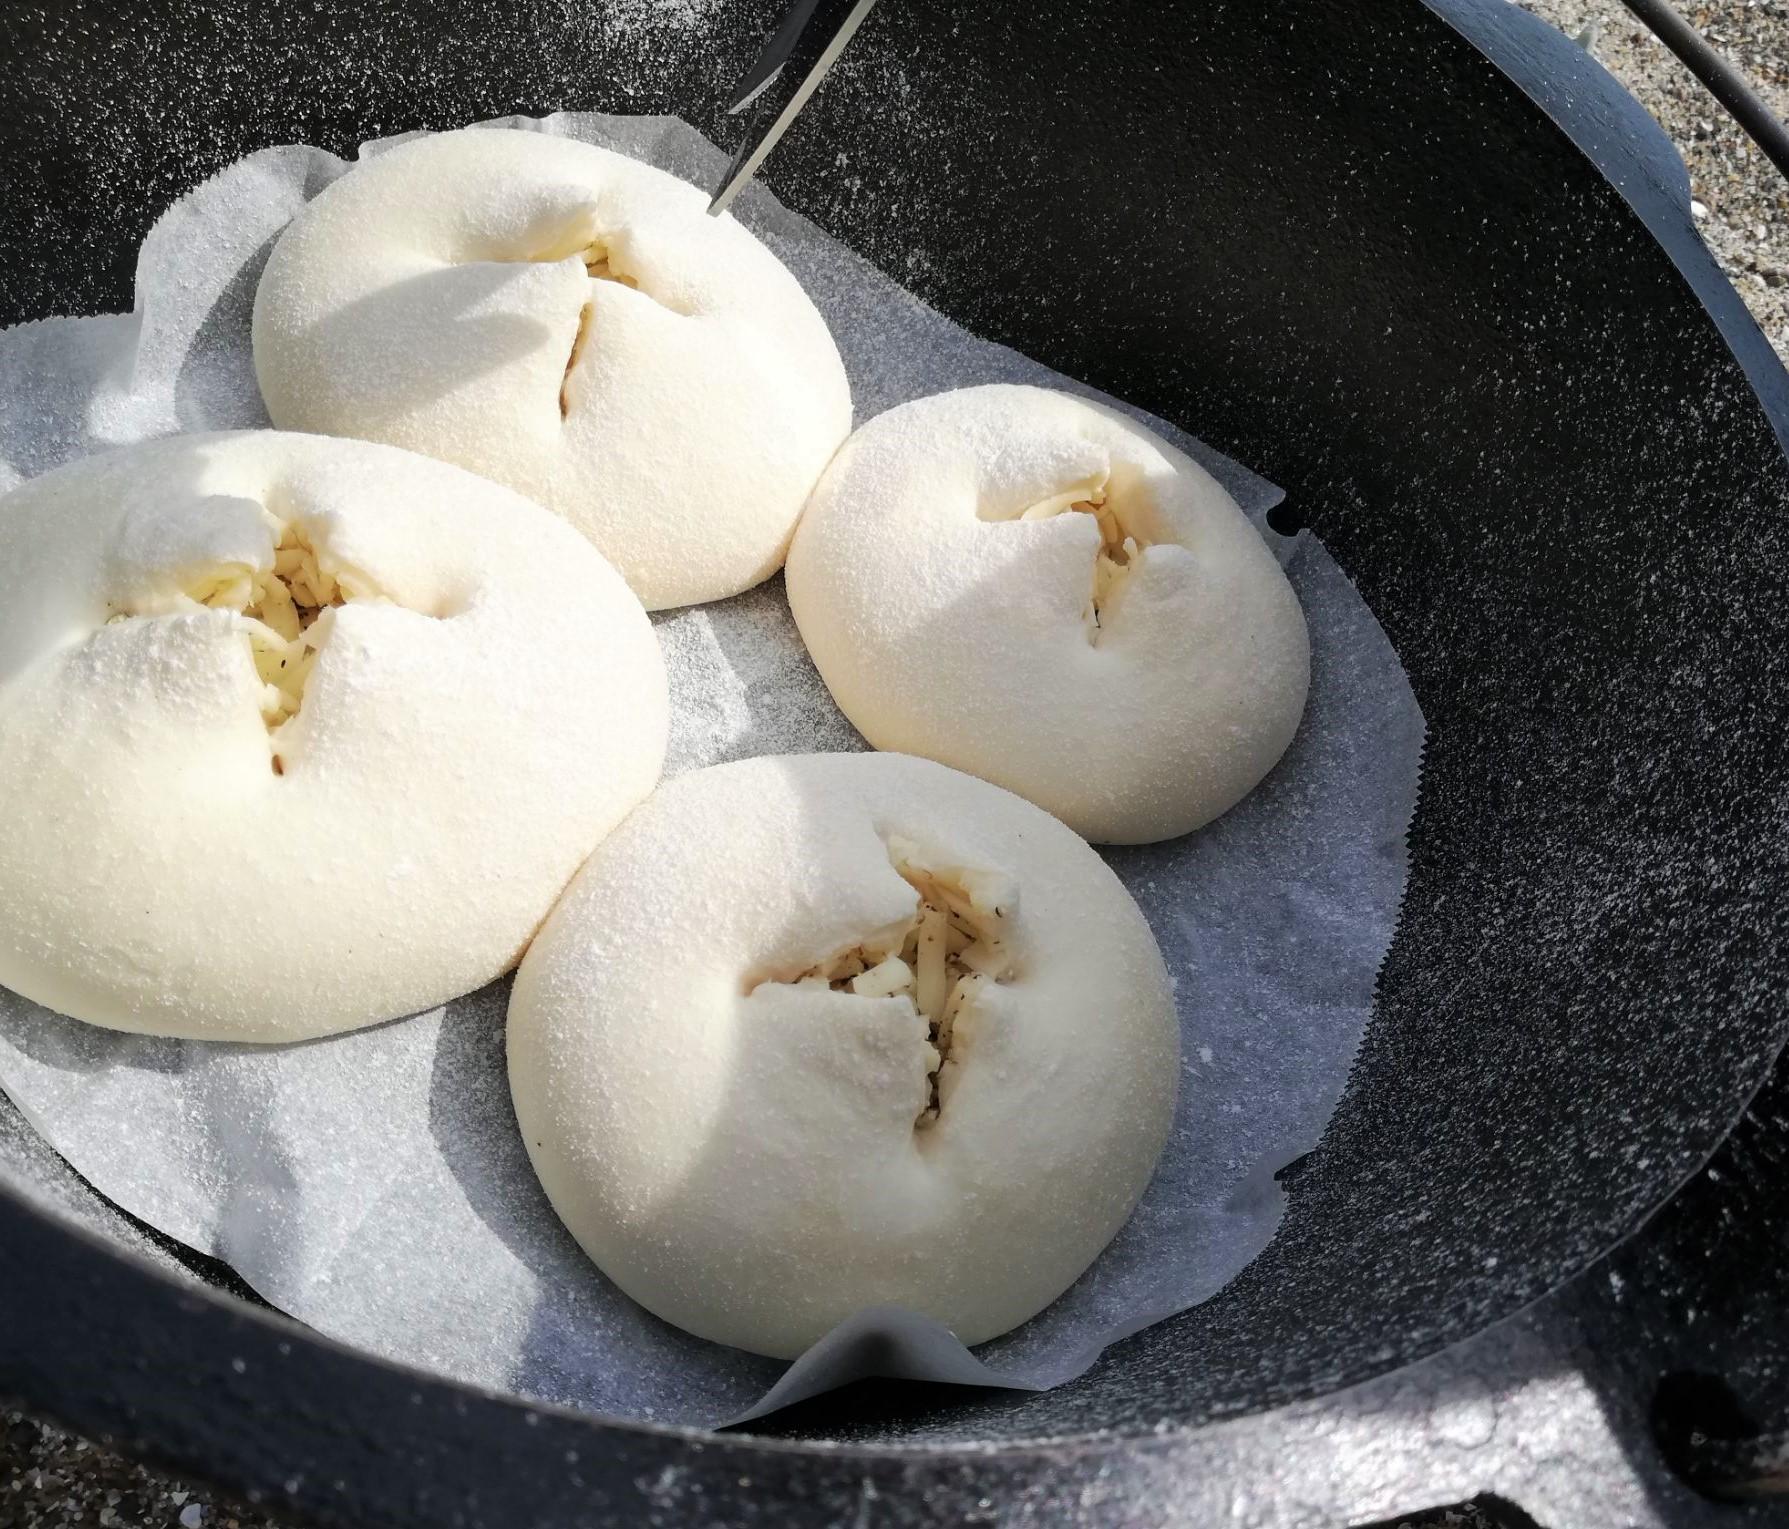 ダッチオーブン料理 事前準備で簡単!キャンプでパンを焼こう 【チーズパン編】12インチ